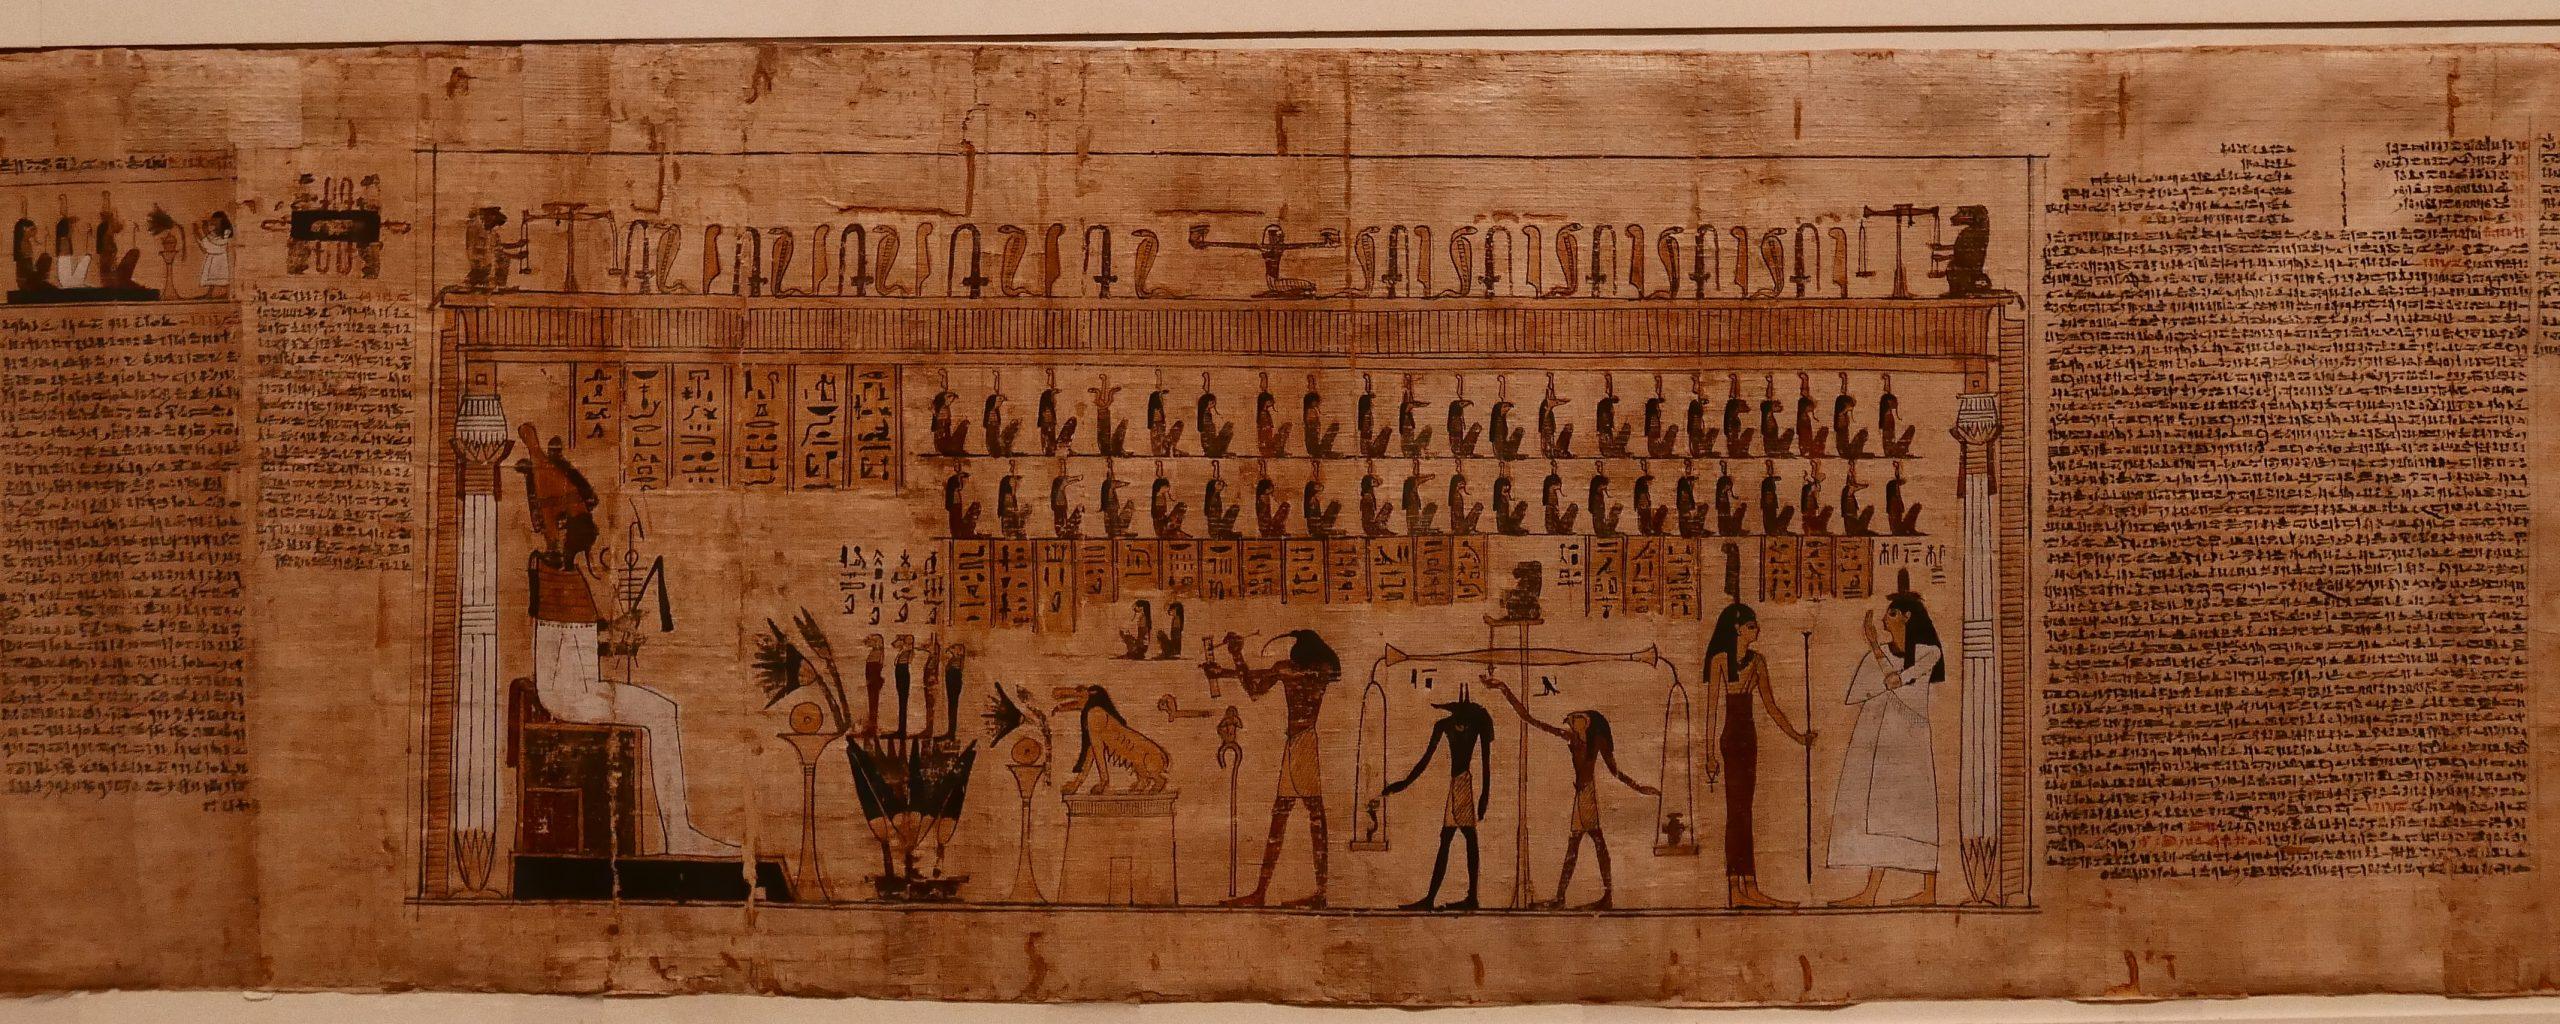 杜林景點|杜林世界第二大埃及博物館&杜林王宮遊記